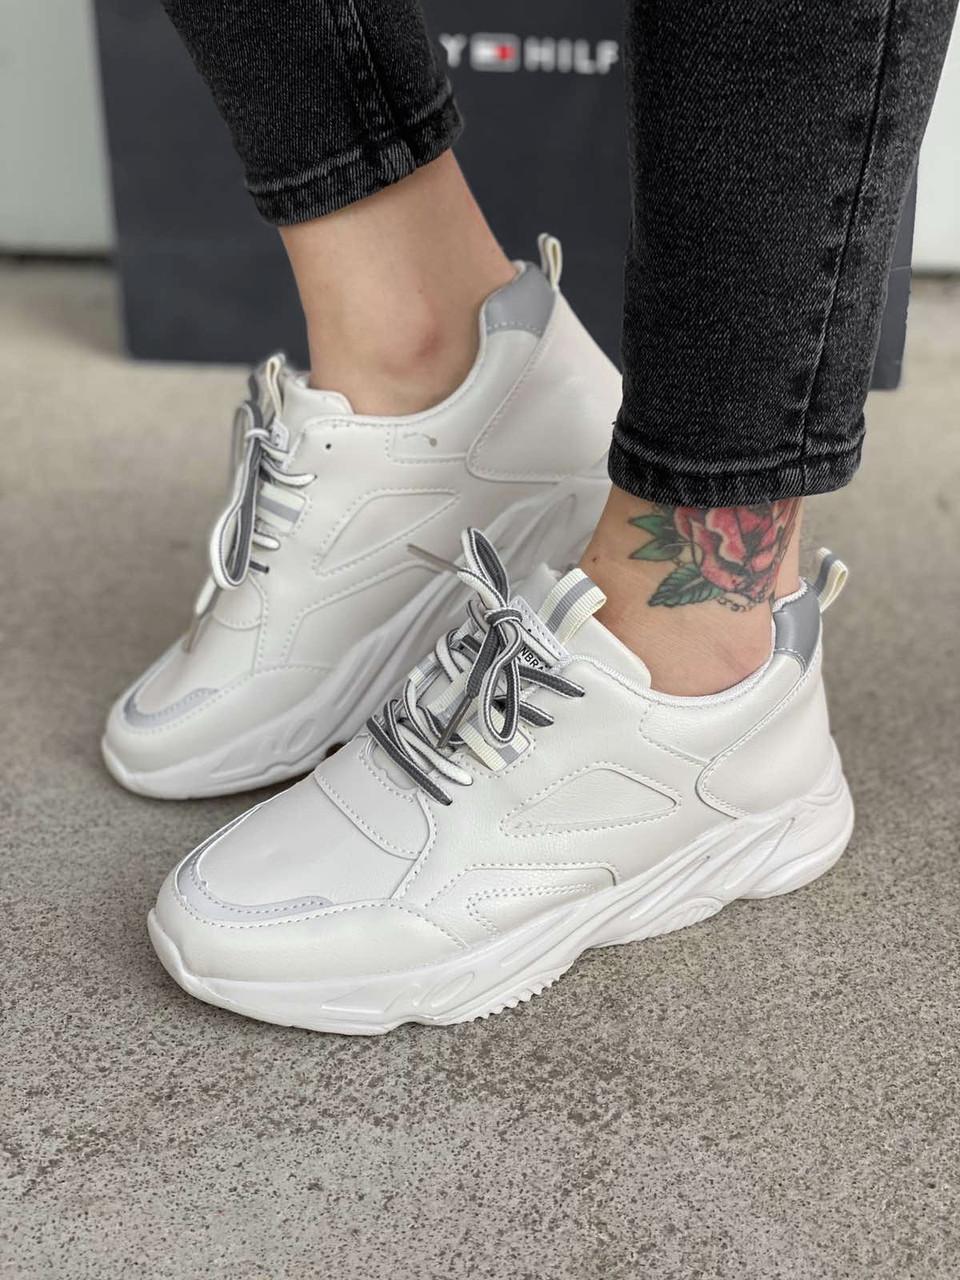 Жіночі кросівки жіноче взуття кросівки черевики кеди брендові репліка копія